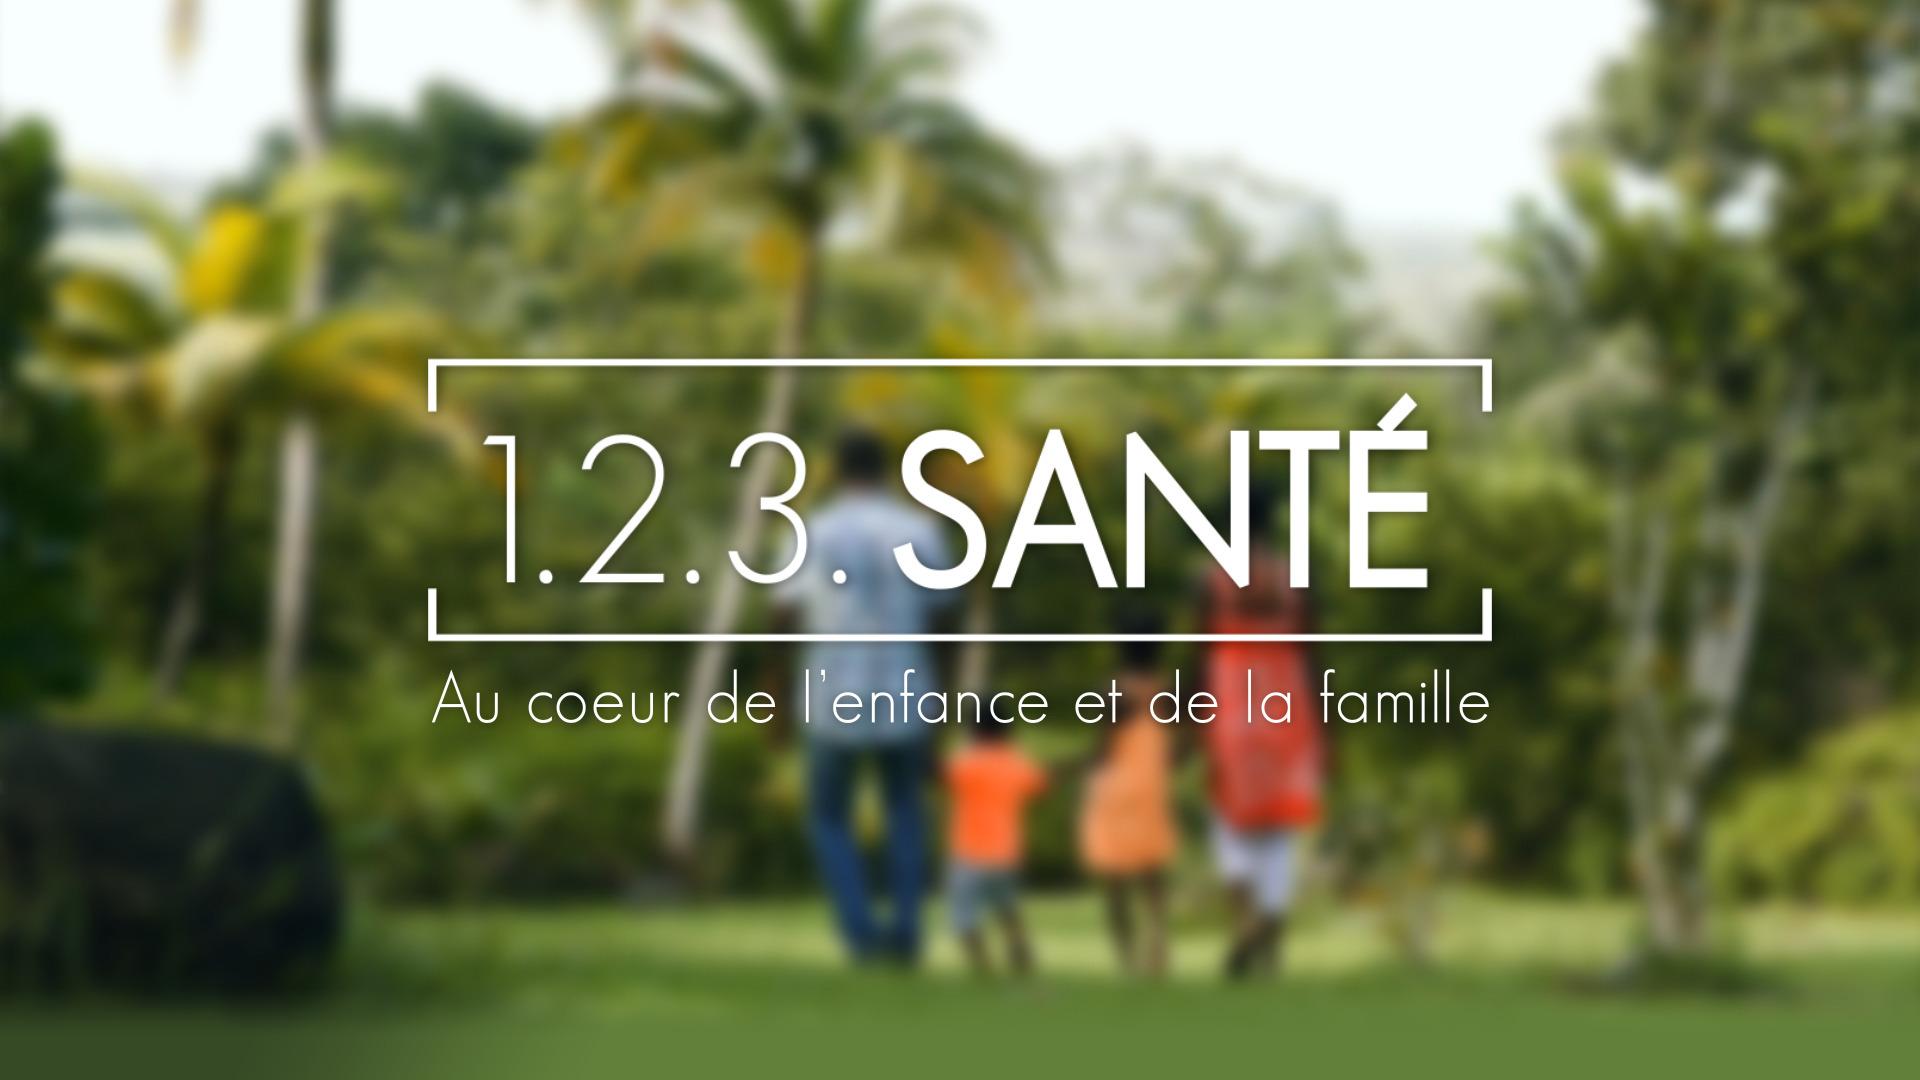 1,2,3... santé ! : Du 01/02/2021